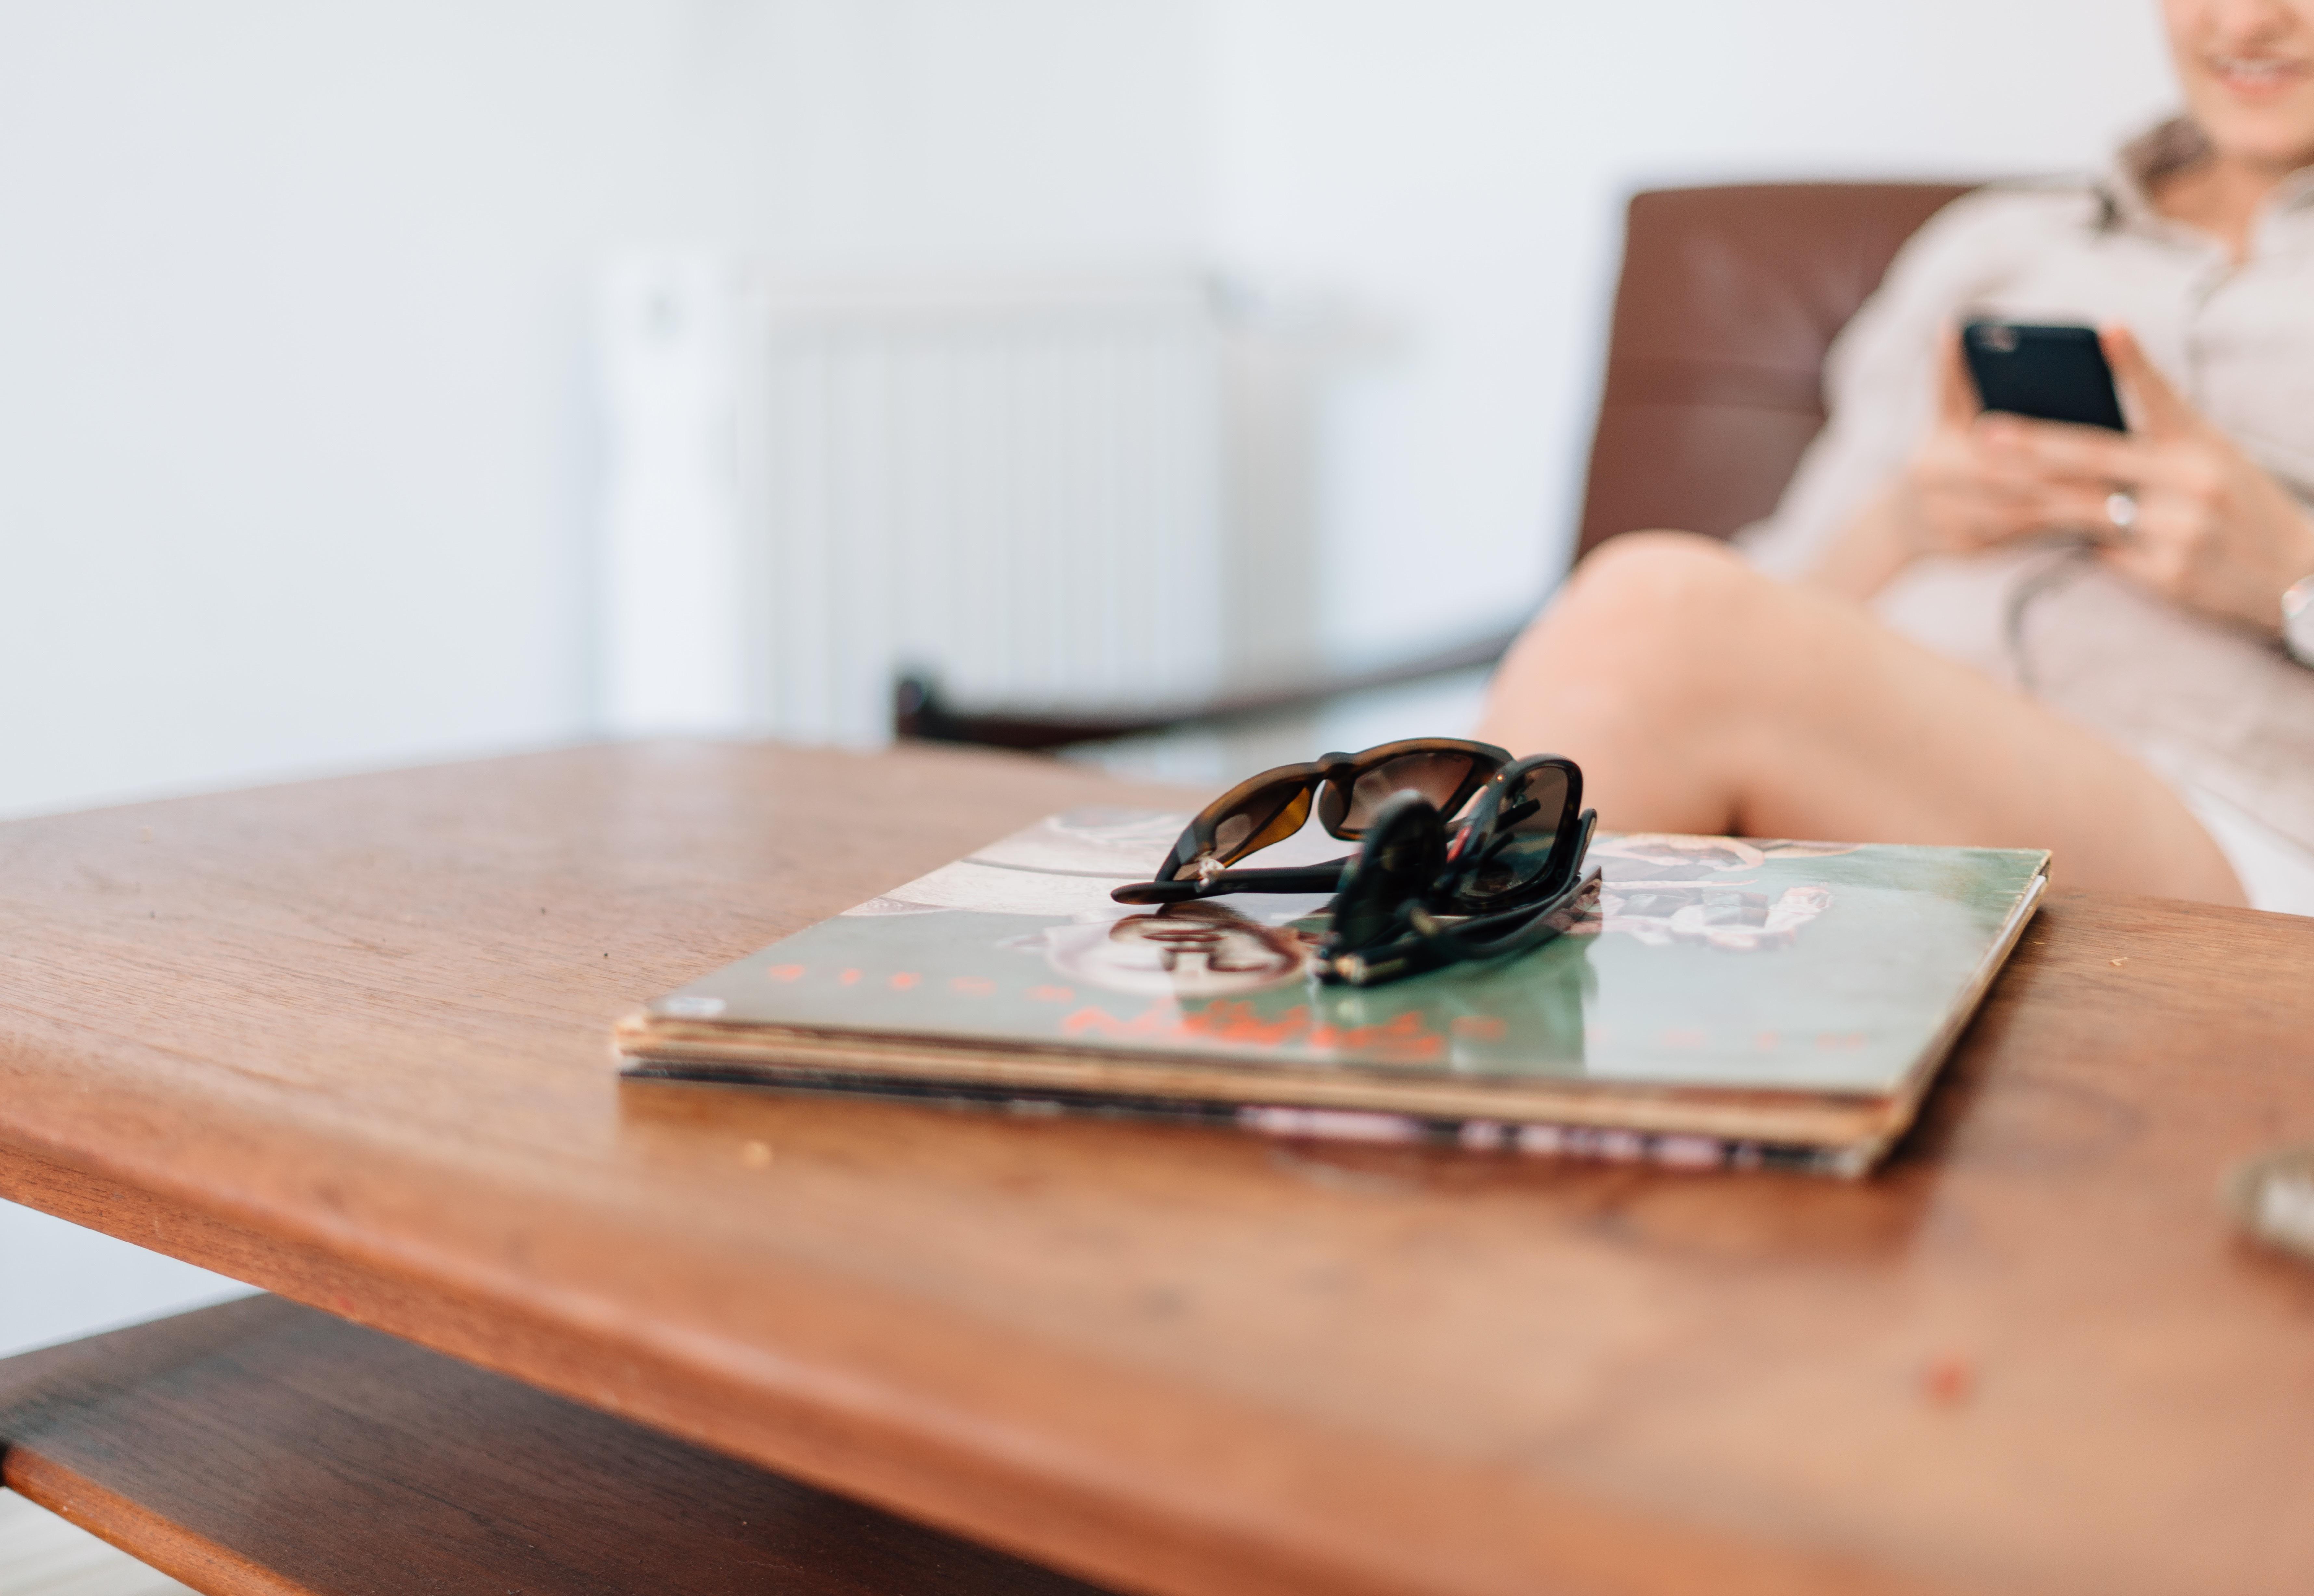 gratis afbeeldingen schrift tafel vinyl hout vrouw telefoon